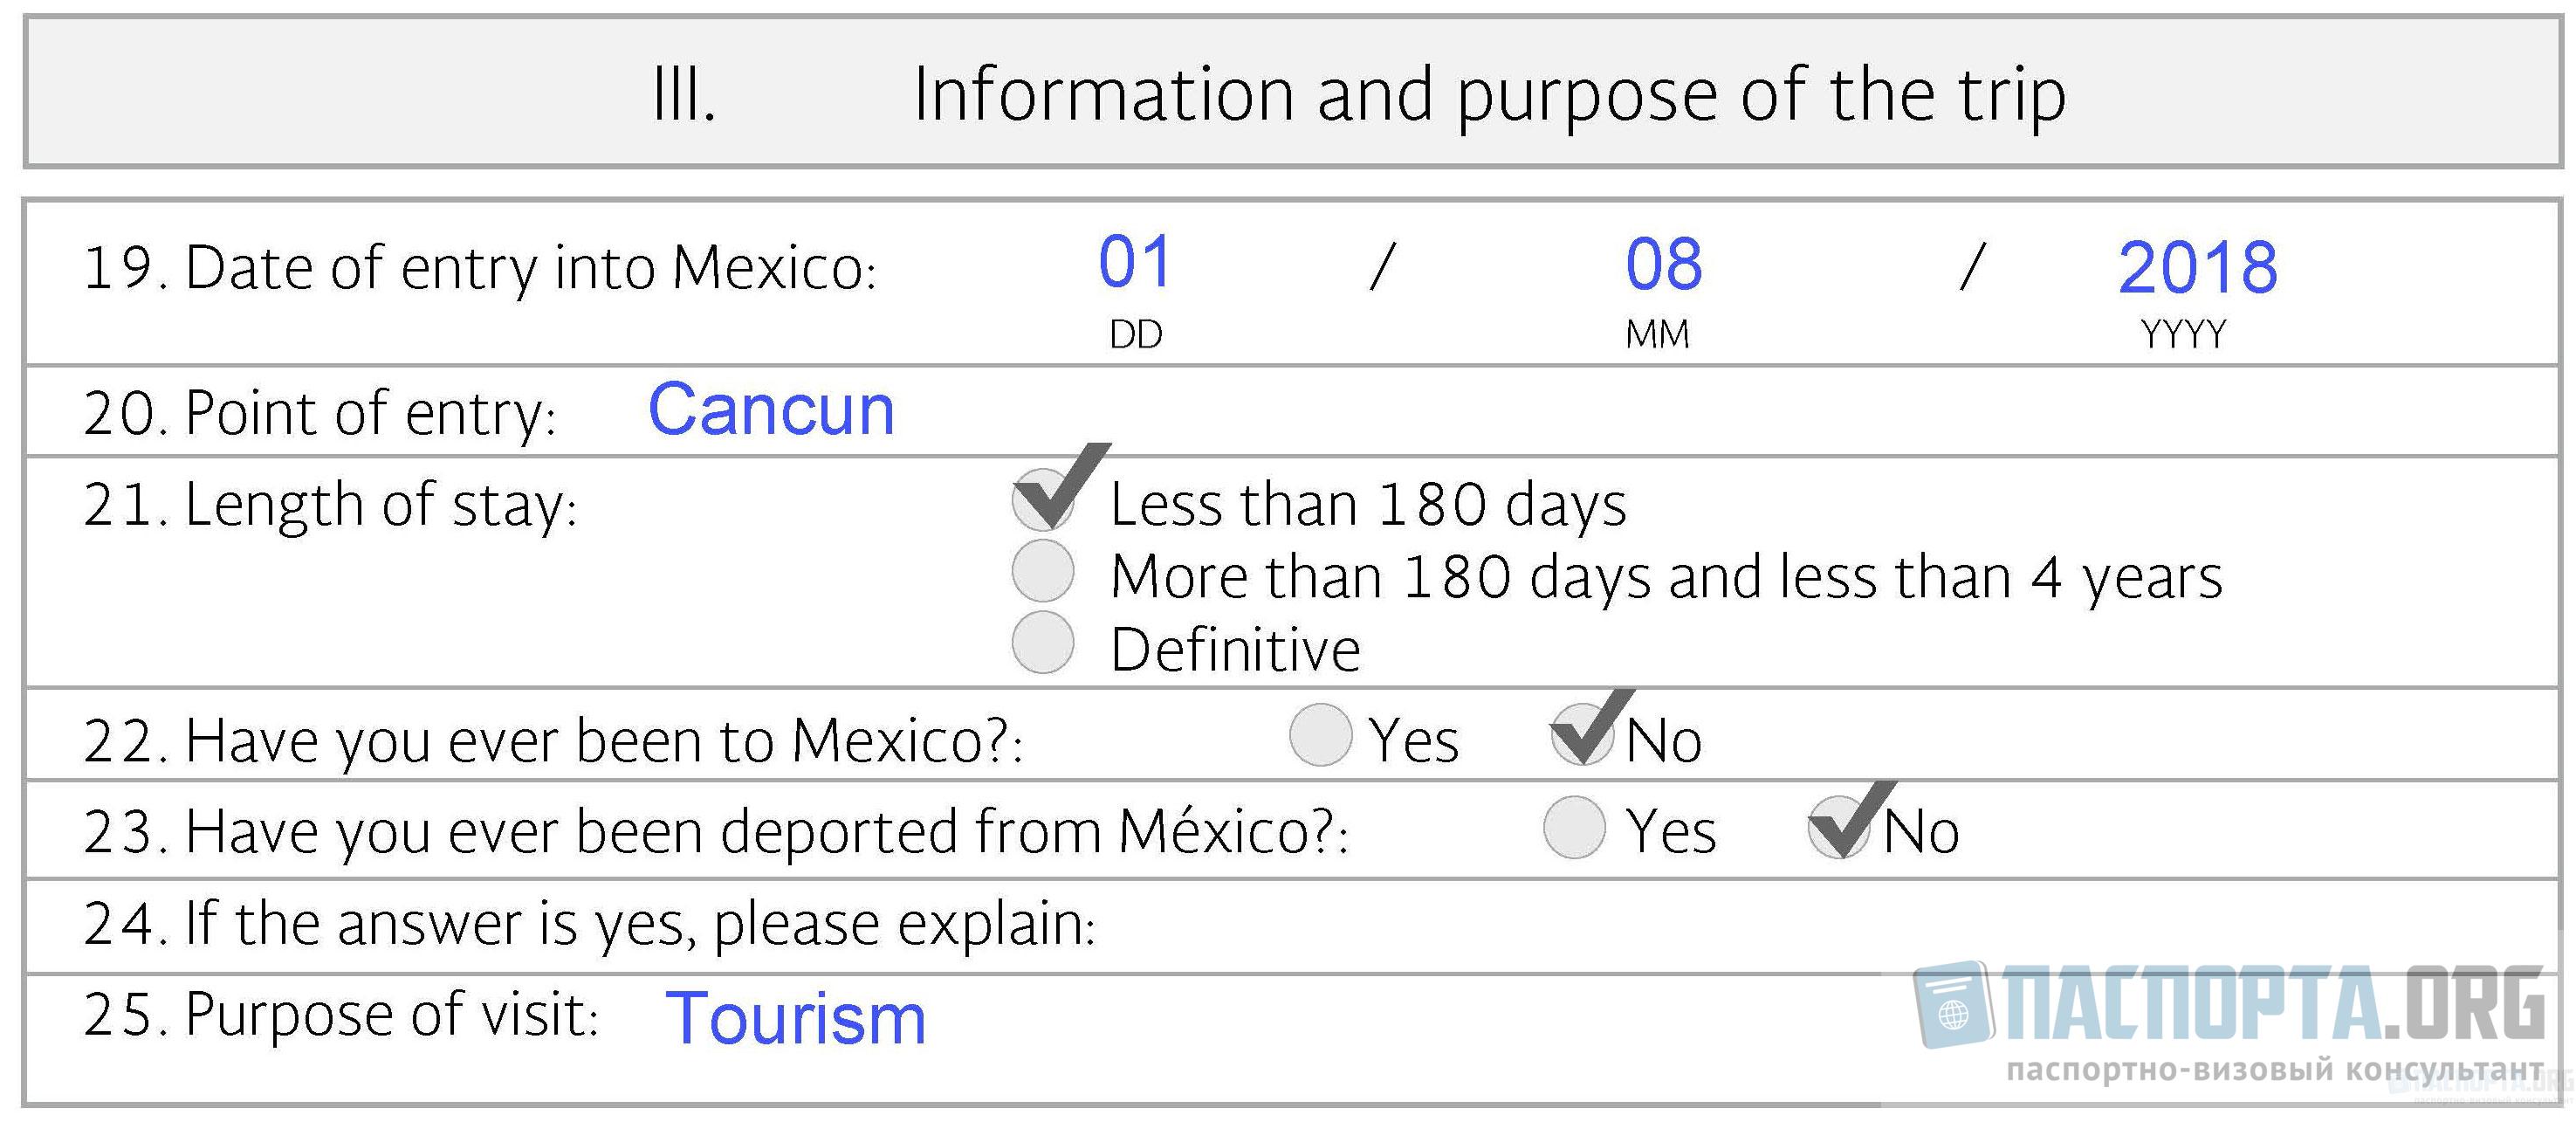 Образец заполнения анкеты на визу в Мексику - шаг 3